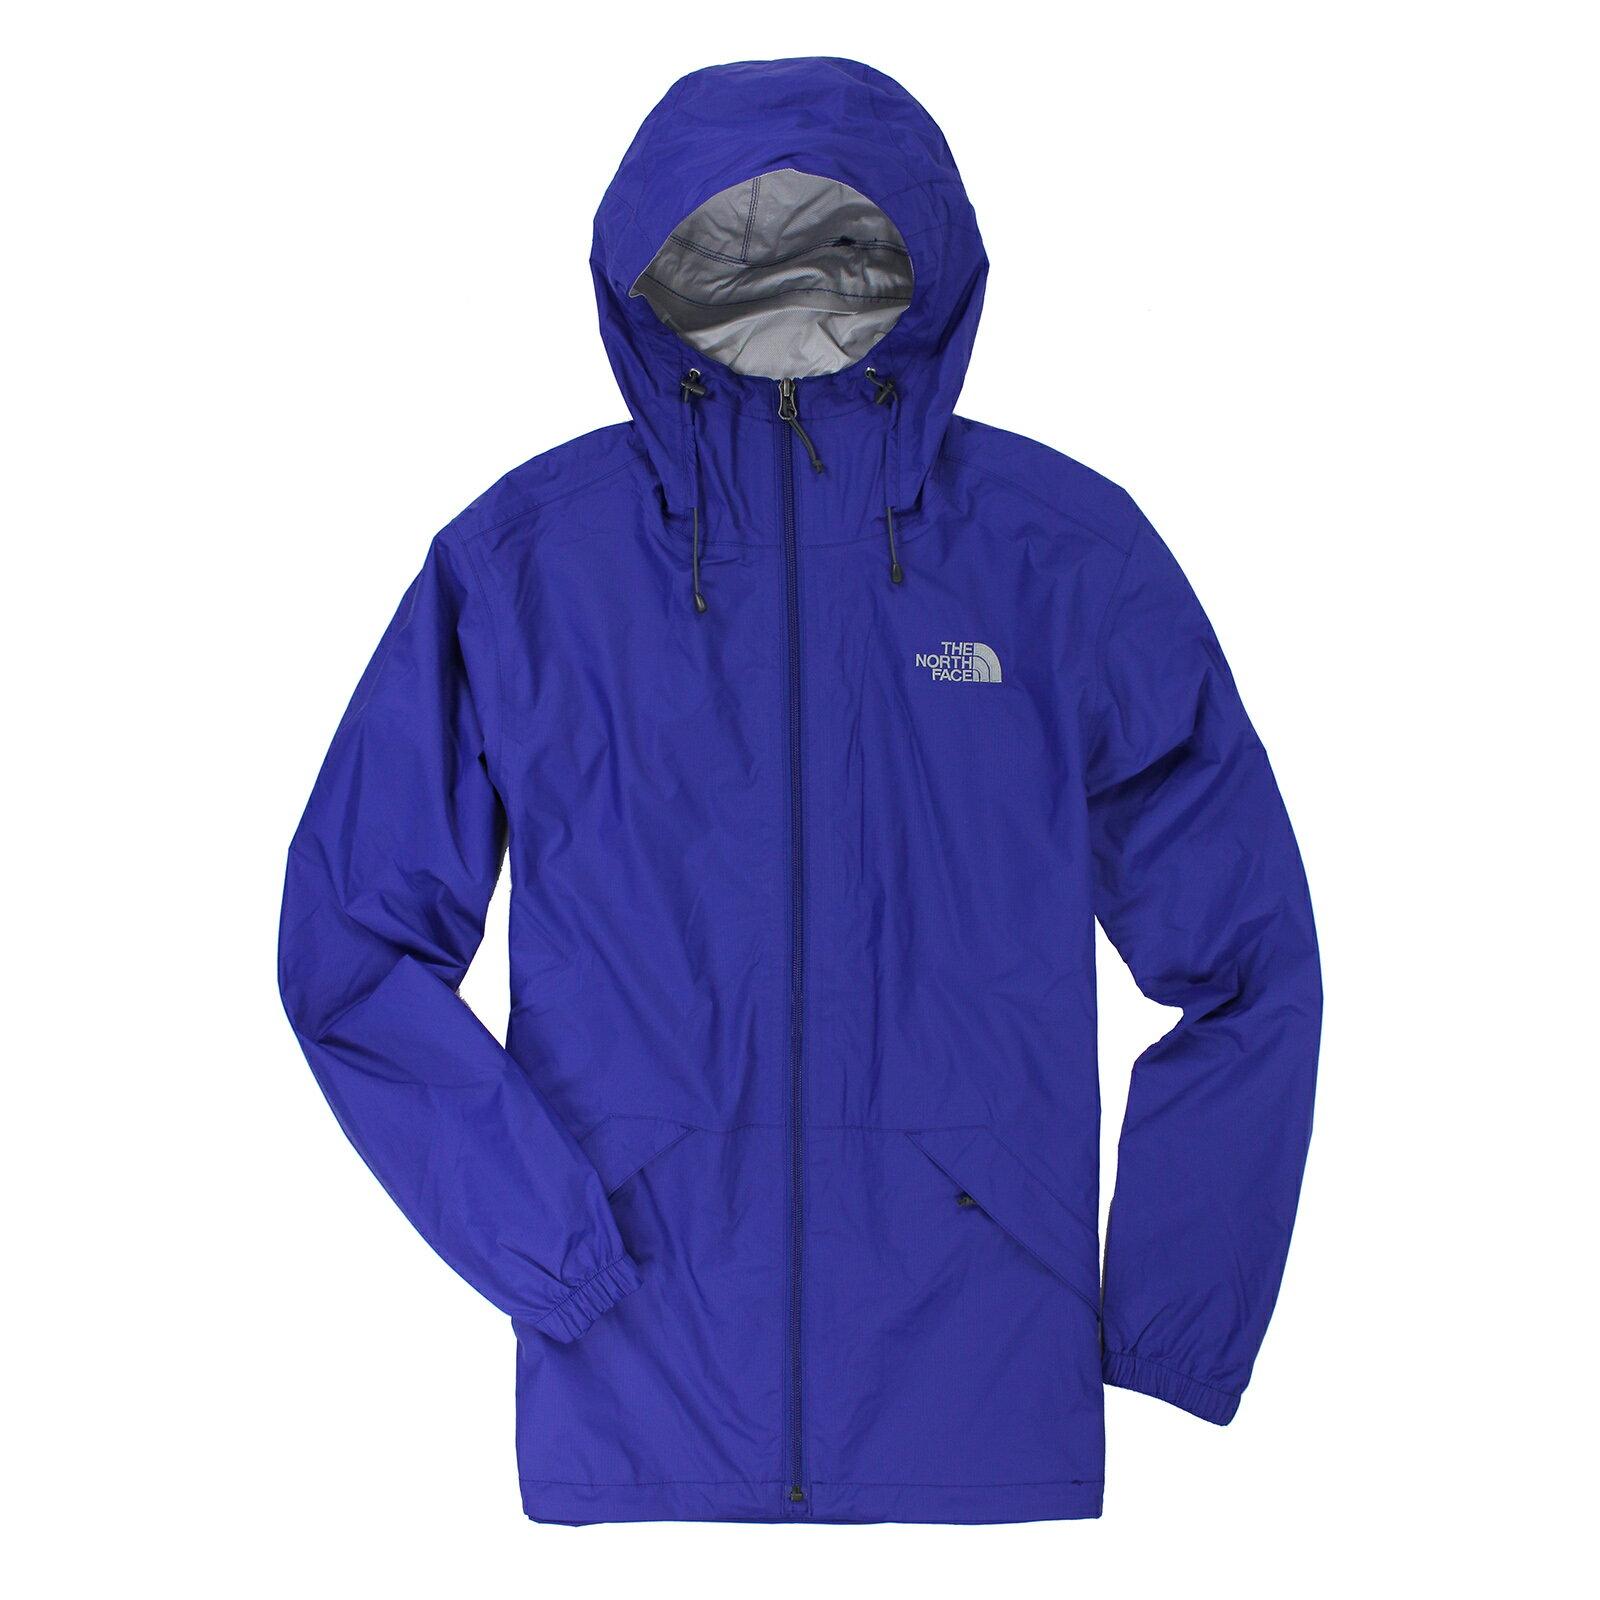 美國百分百【全新真品】The North Face 外套 TNF 北臉 防雨 多功能 防風 防水 寶藍 S E415